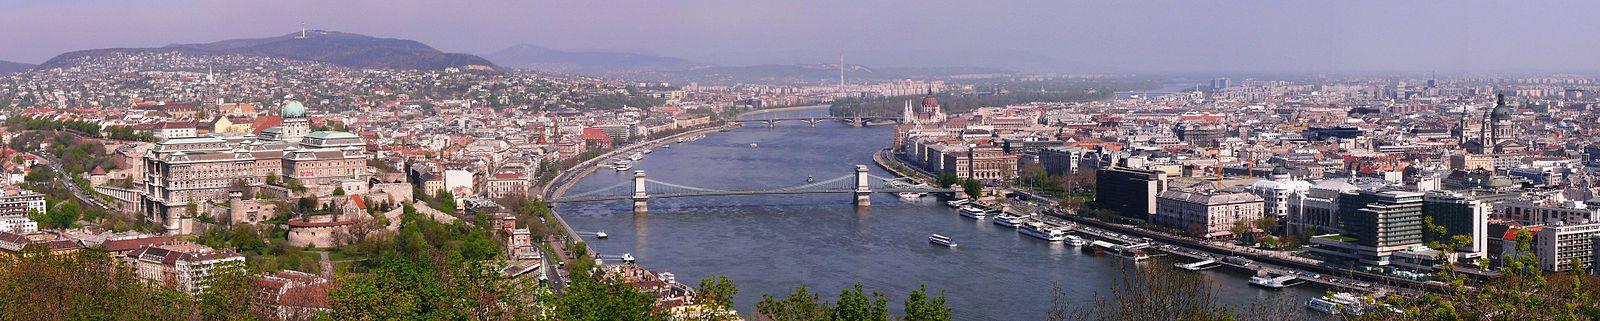 Din stânga spre dreapta: Biserica Mátyás, Palatul Buda, Podul cu lanțuri, Promenada Dunării, Parlamentul Ungariei, Basilica Sf. Ștefan